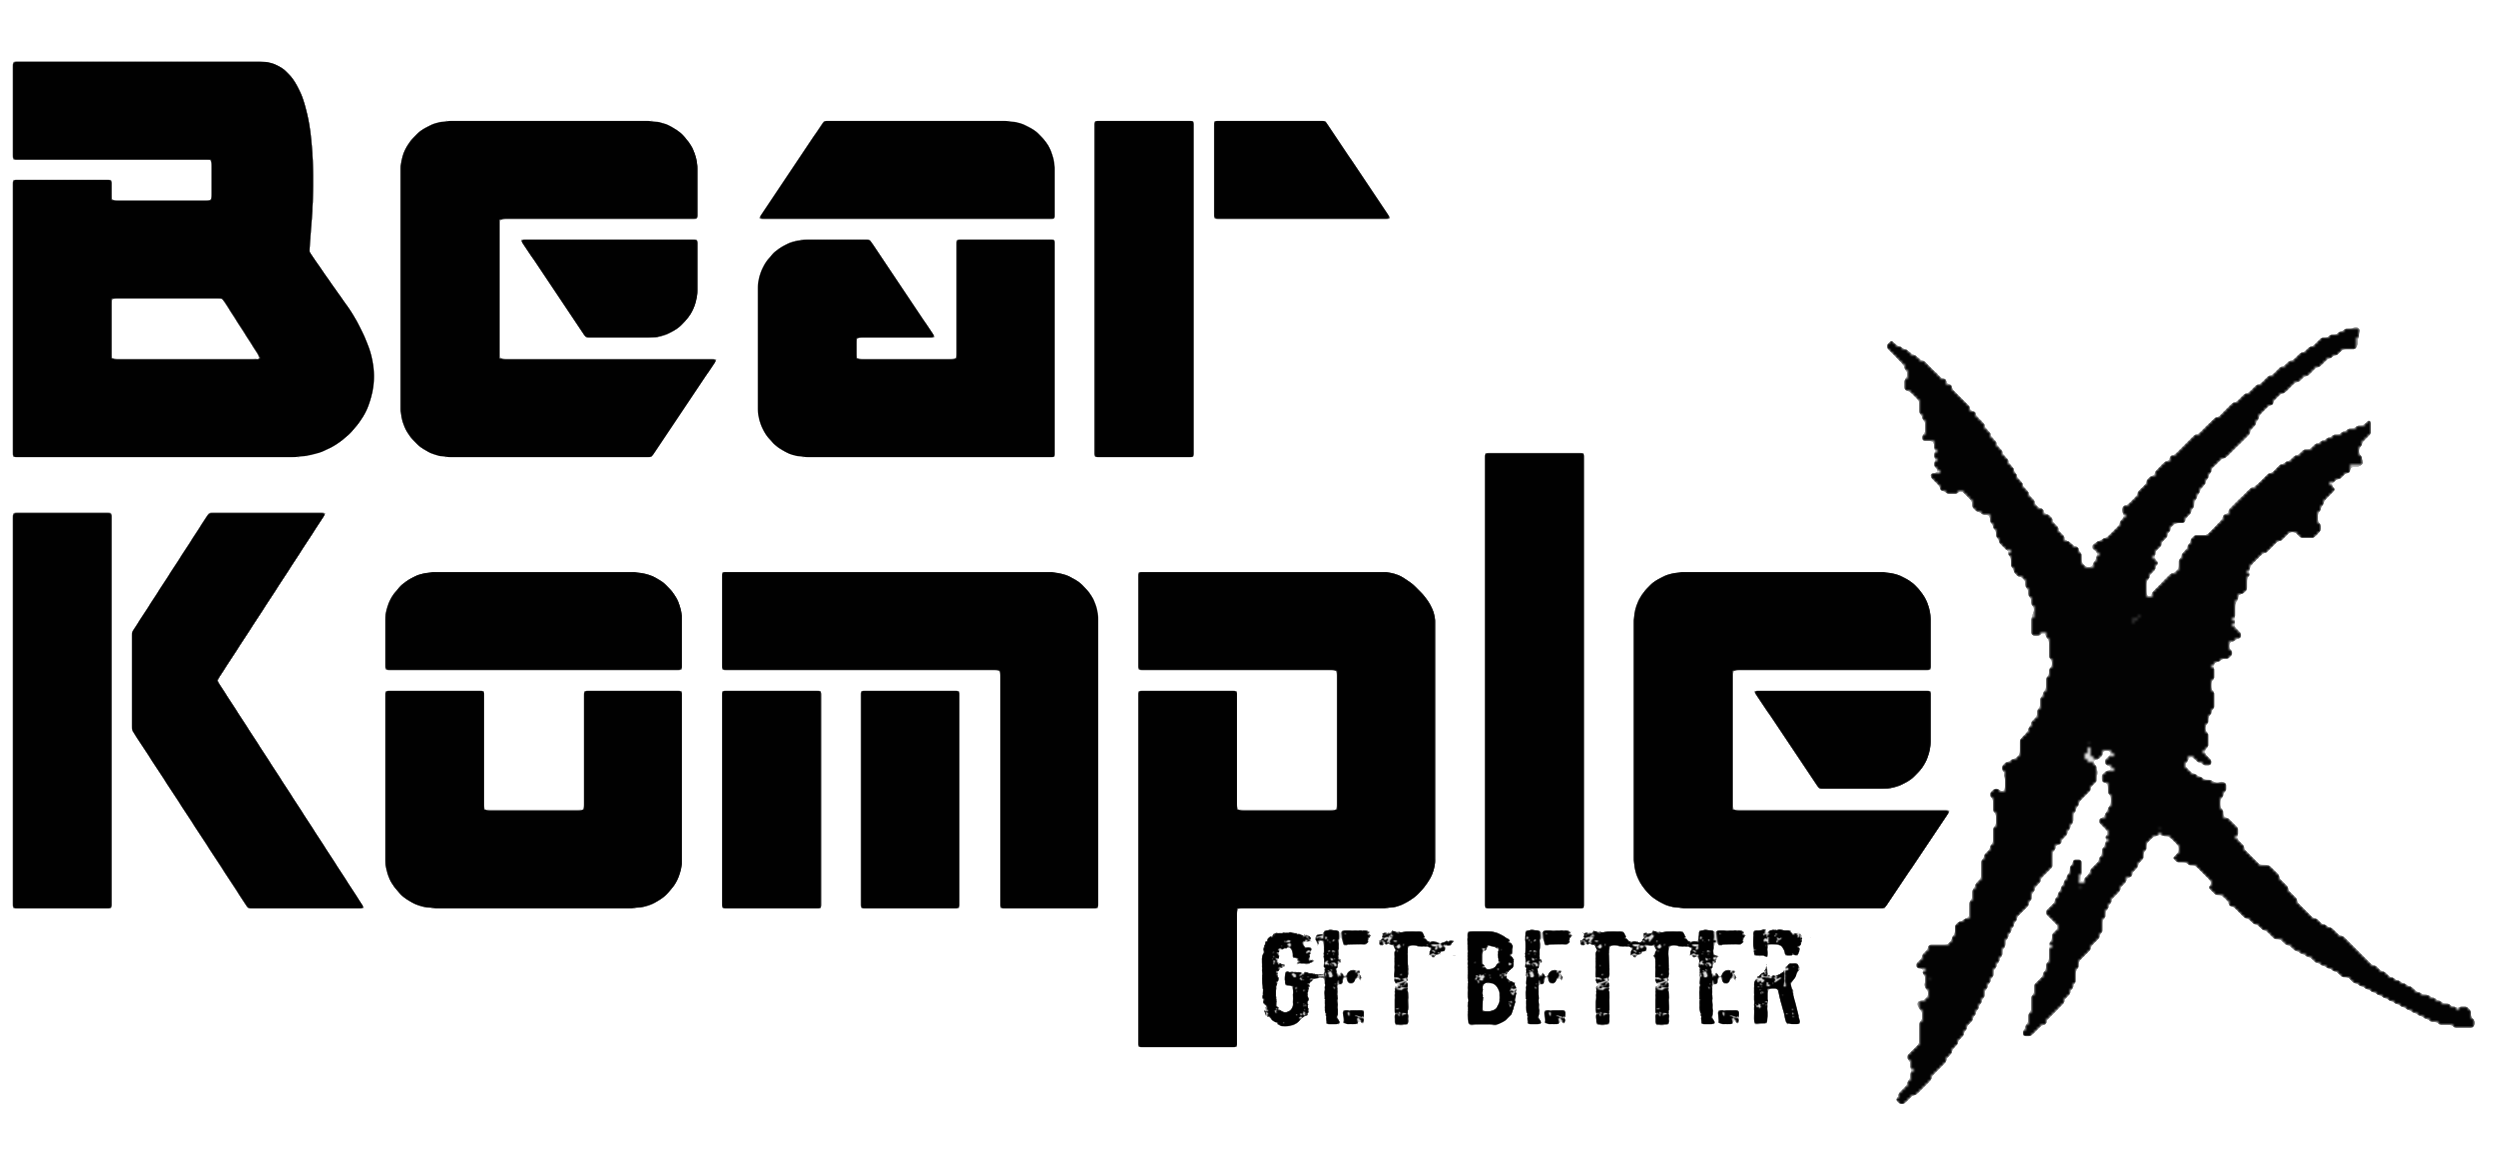 BKX black logo.png